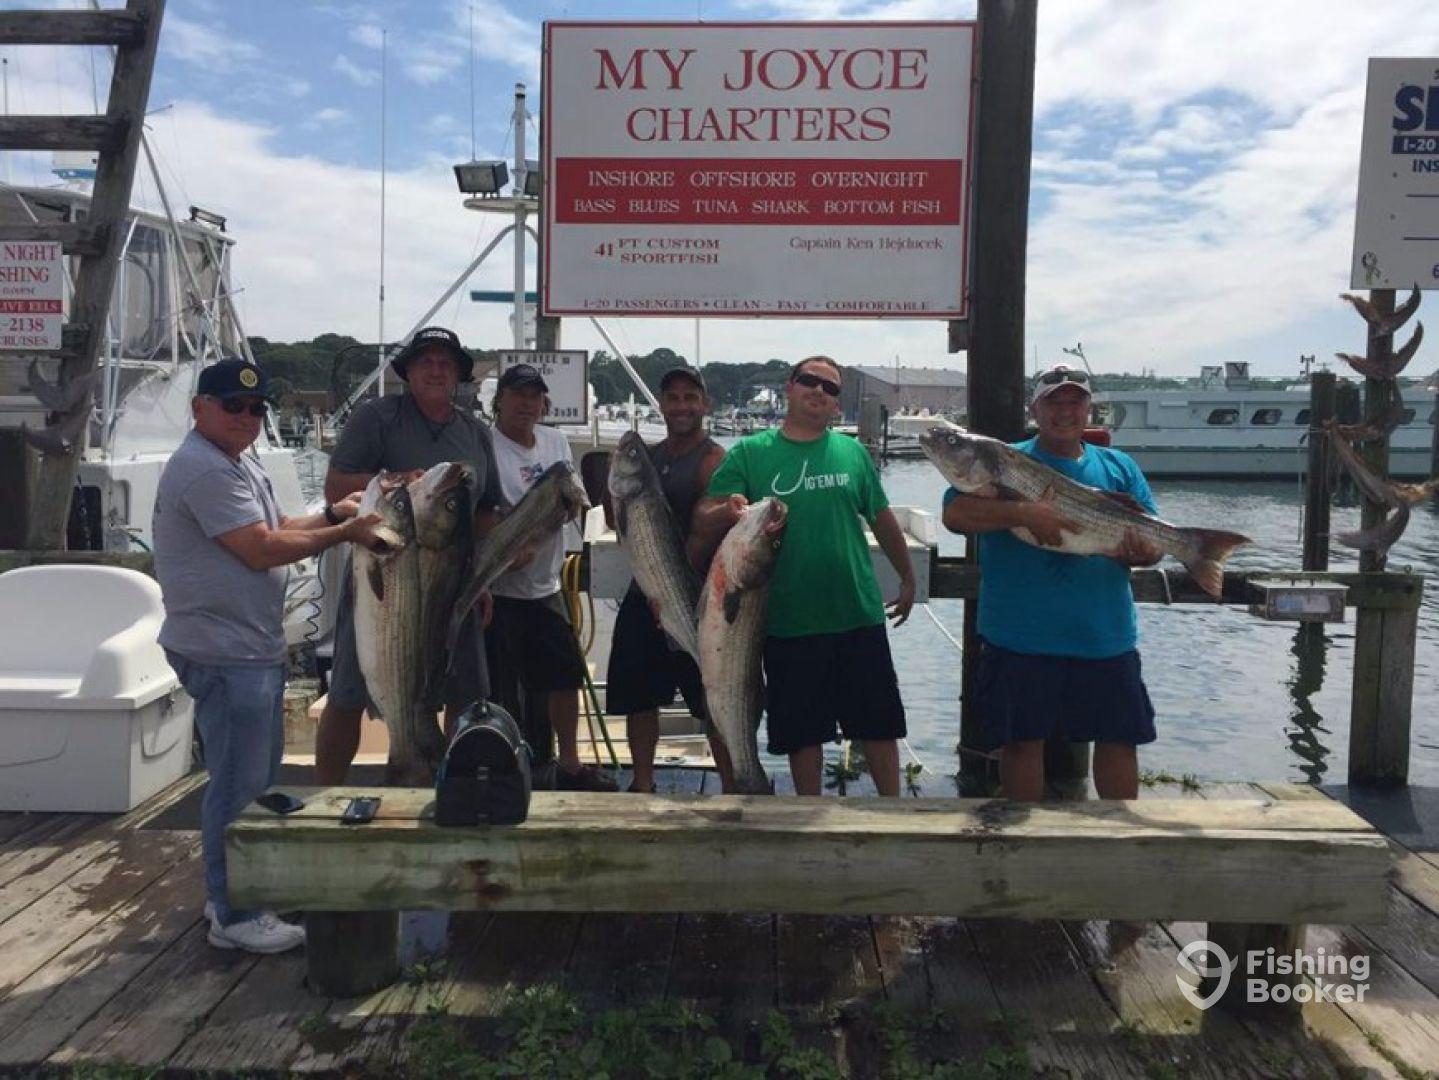 My joyce fishing charters montauk ny fishingbooker for Montauk fishing party boats